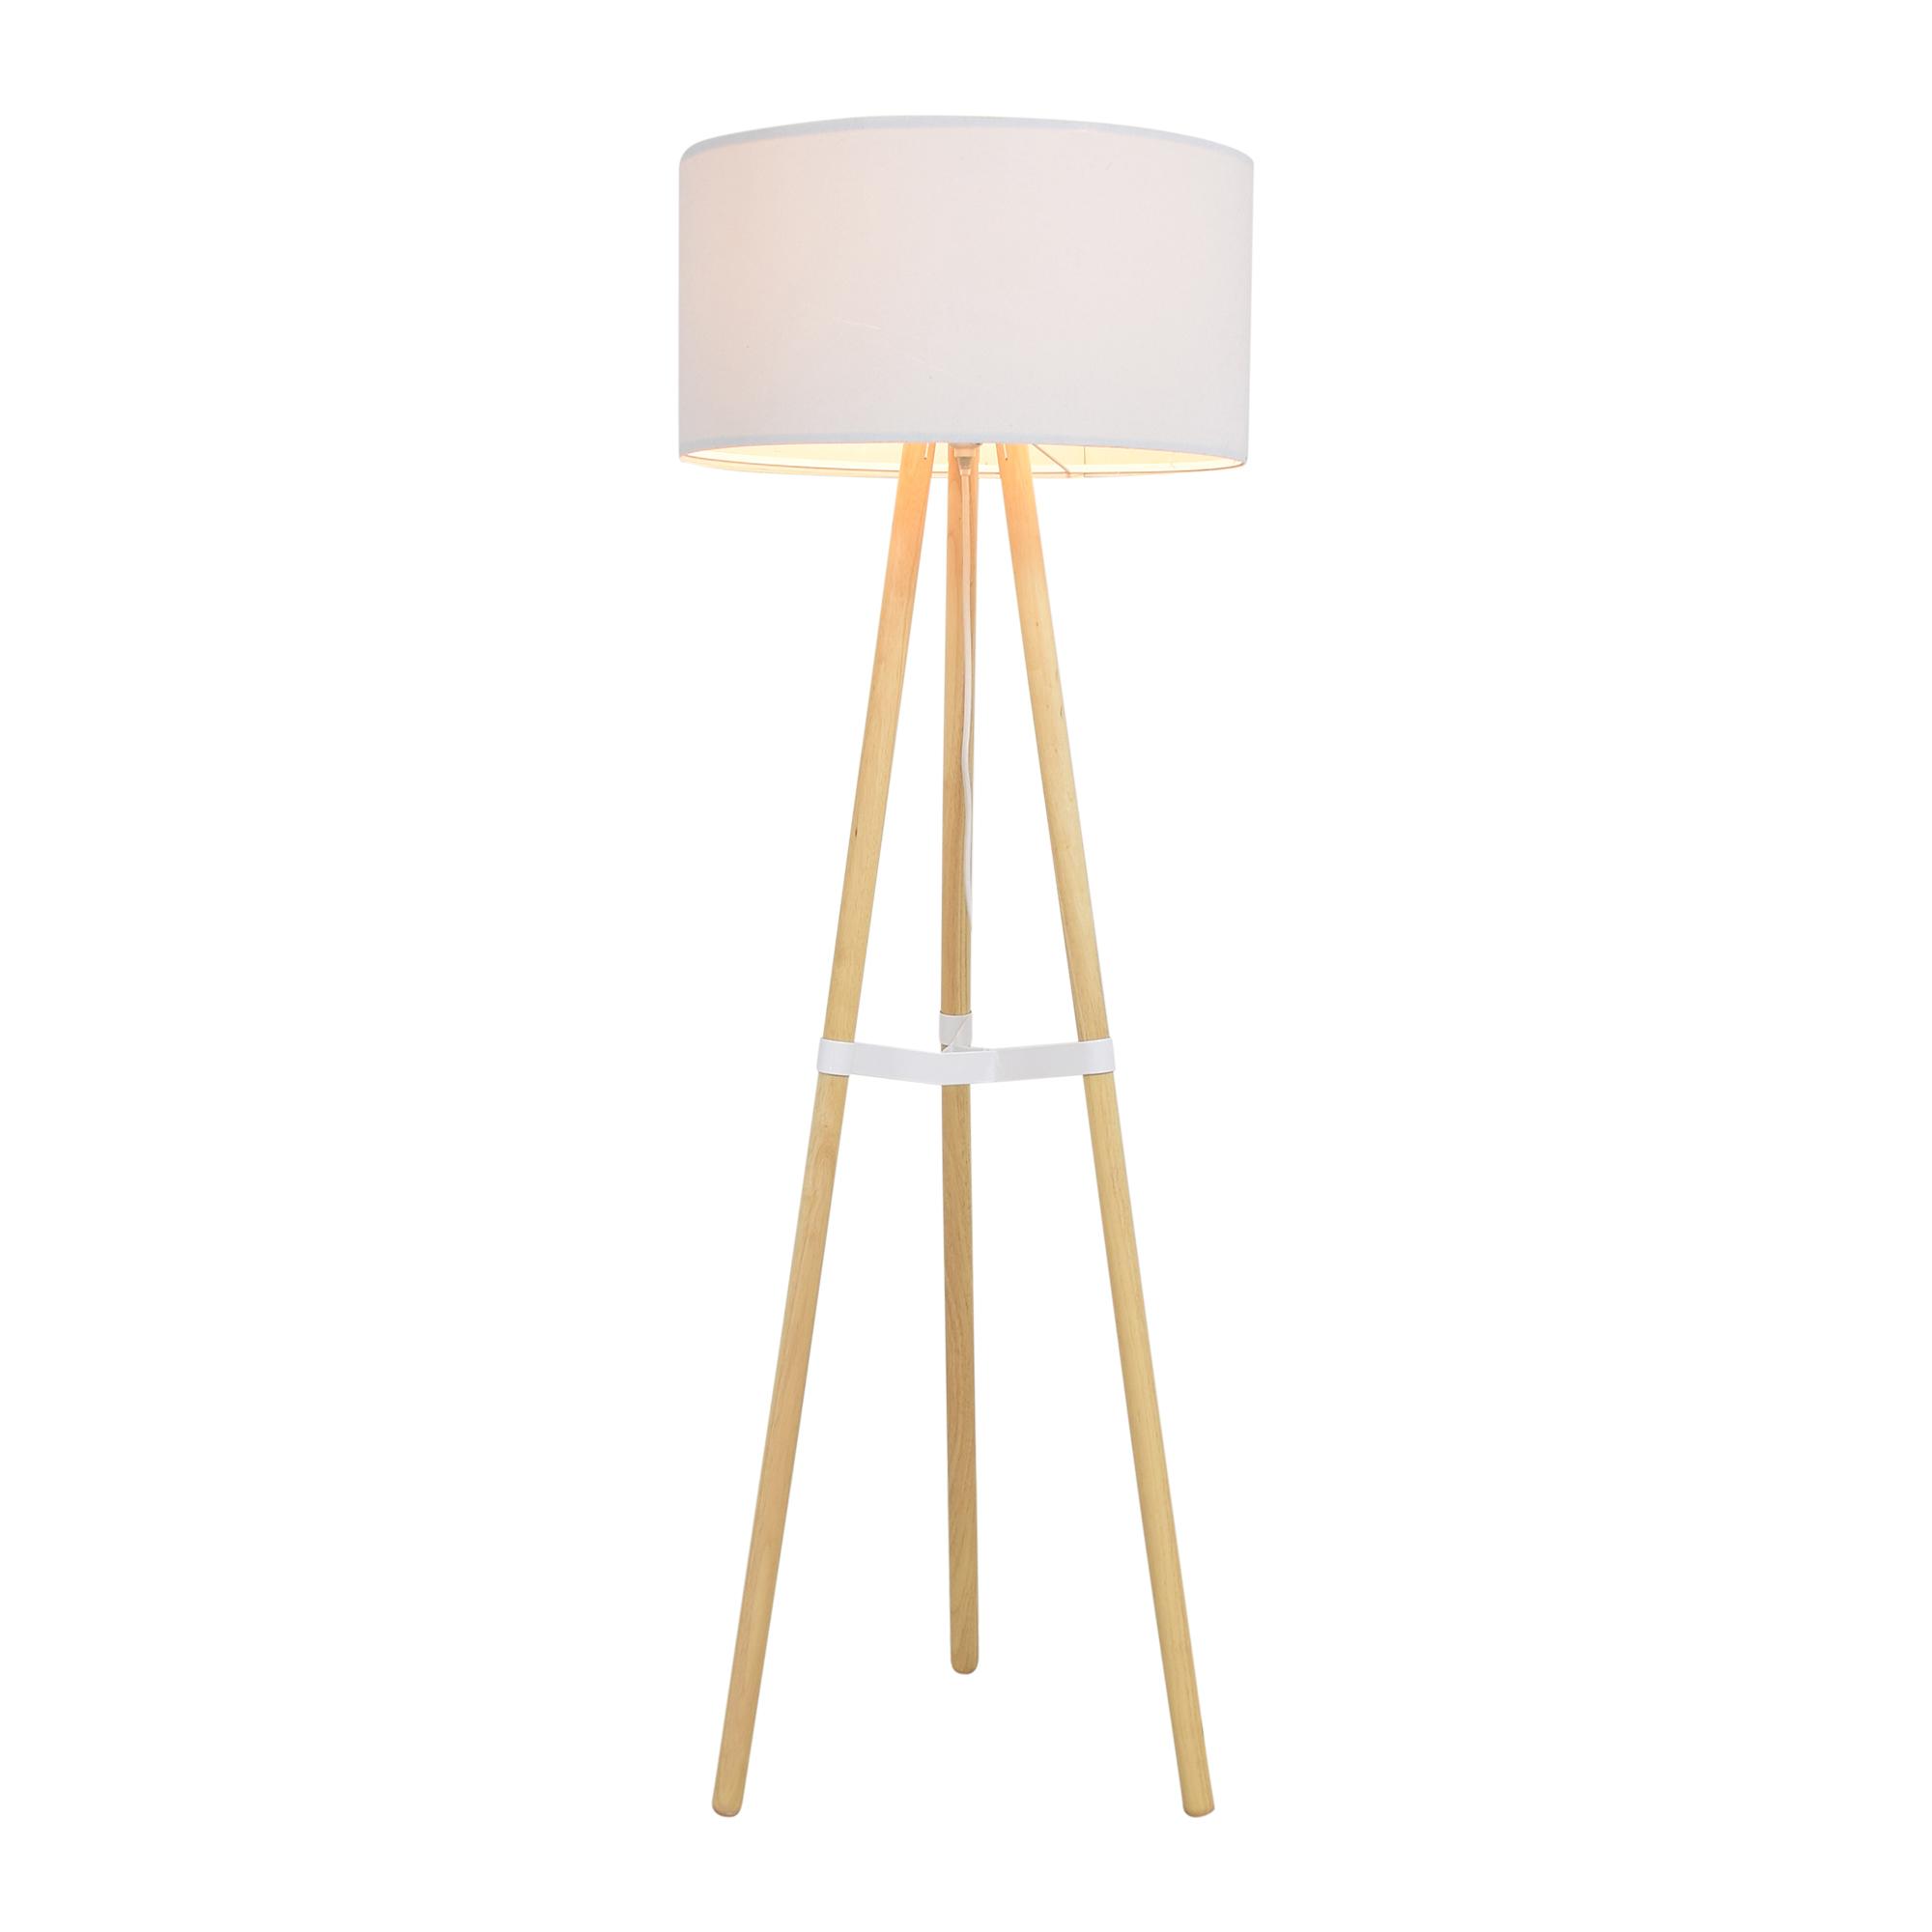 shop Gus Modern Gus x Fab Floor Lamp Gus Modern